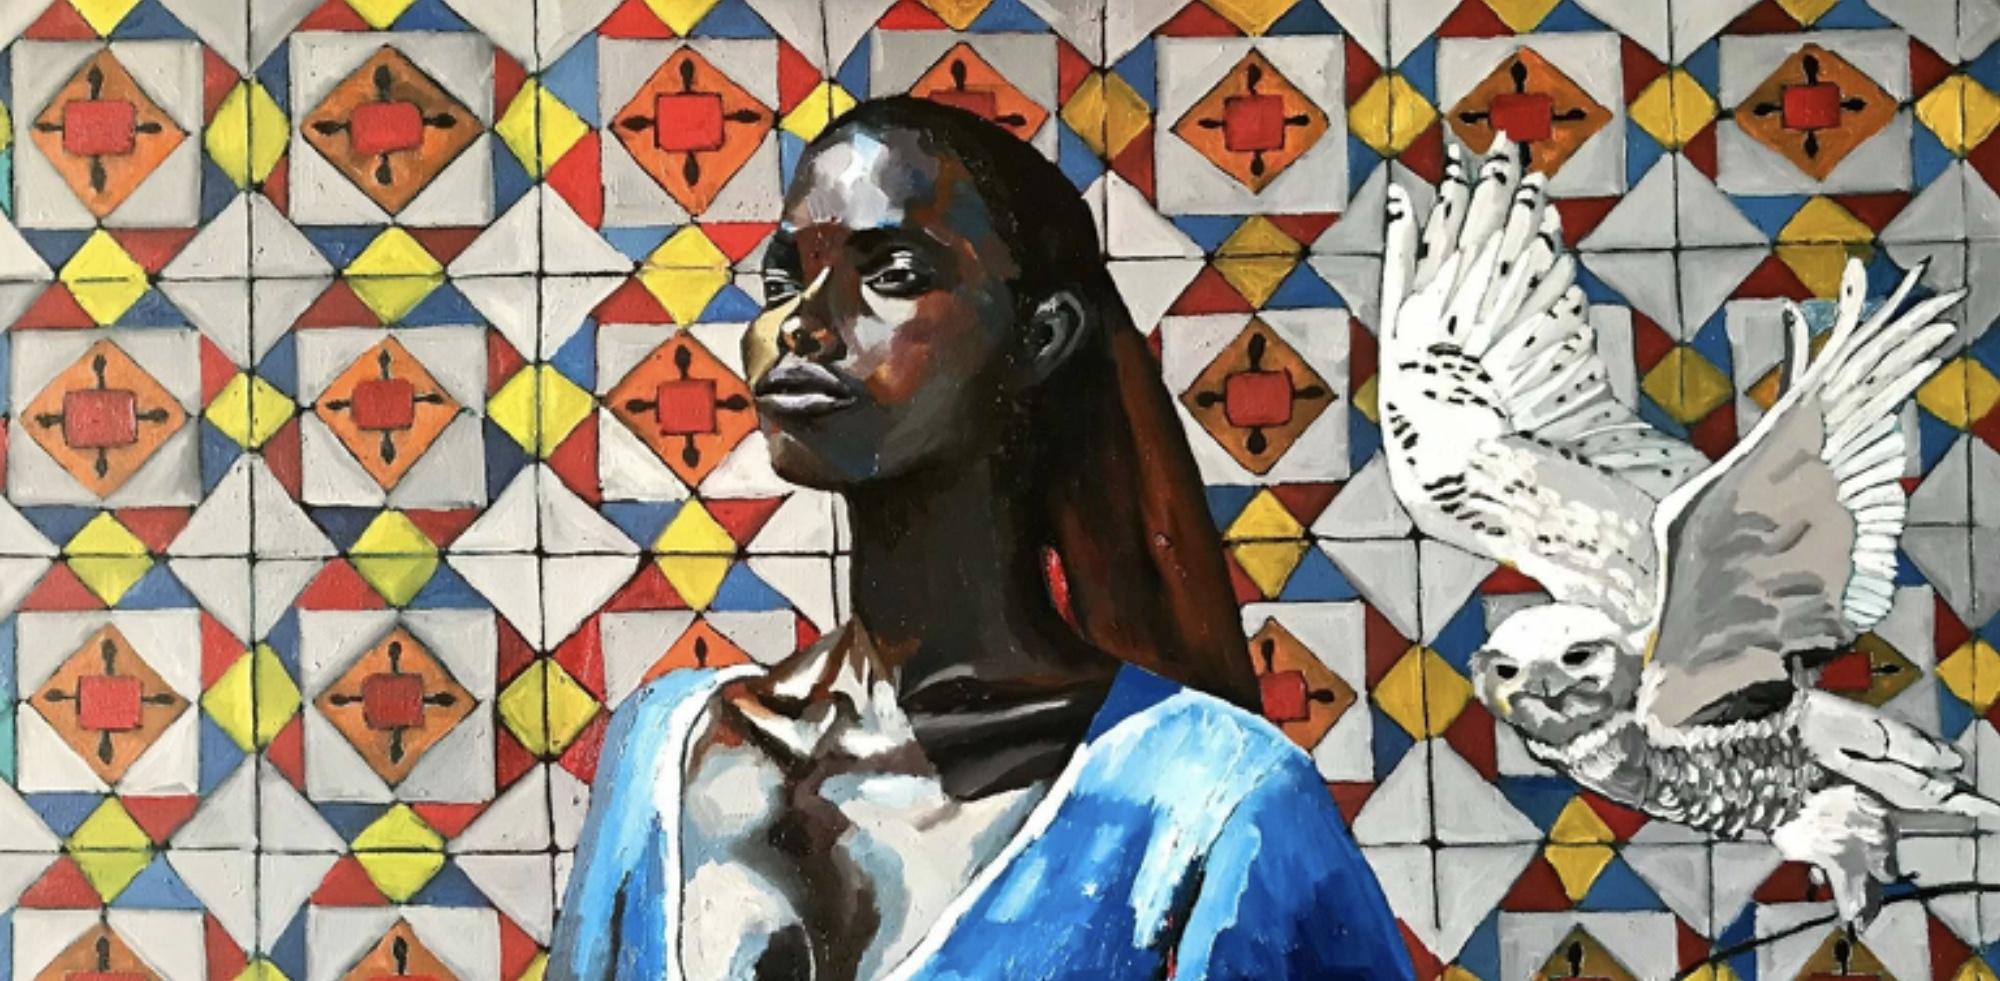 Georgia Lobo, Fly, 2017, óleo sobre tela, 1,20 x 0,60